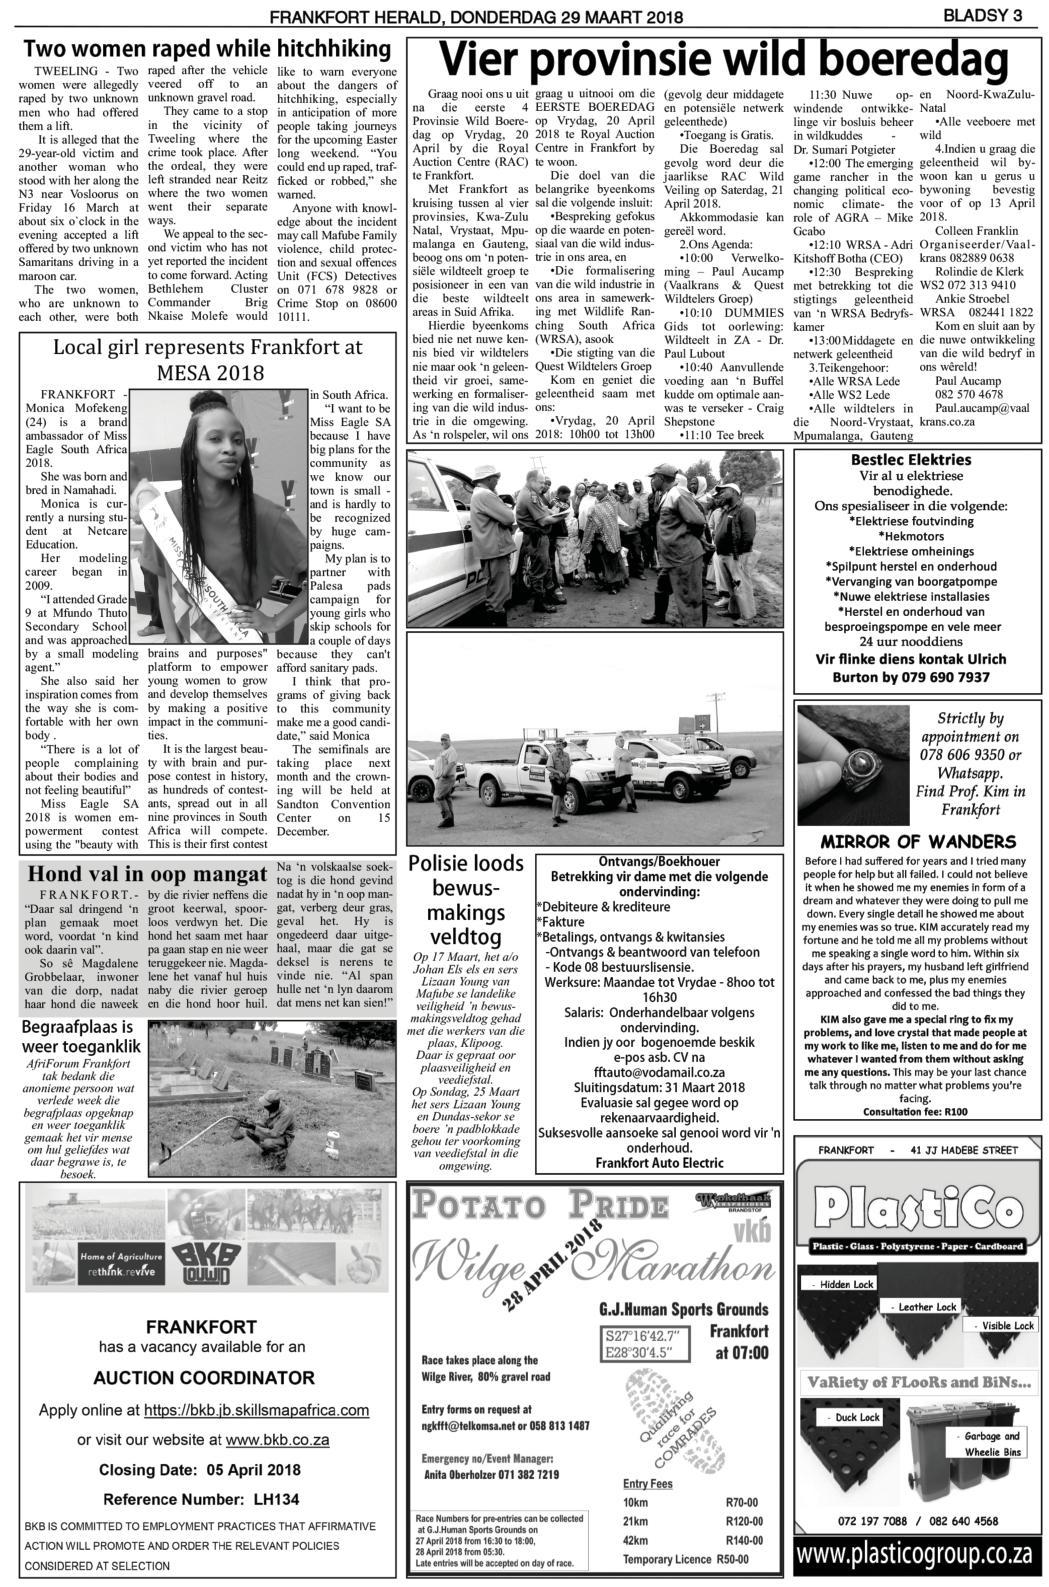 Frankfort Herald 28 Maart 2018 - CALAMEO Downloader